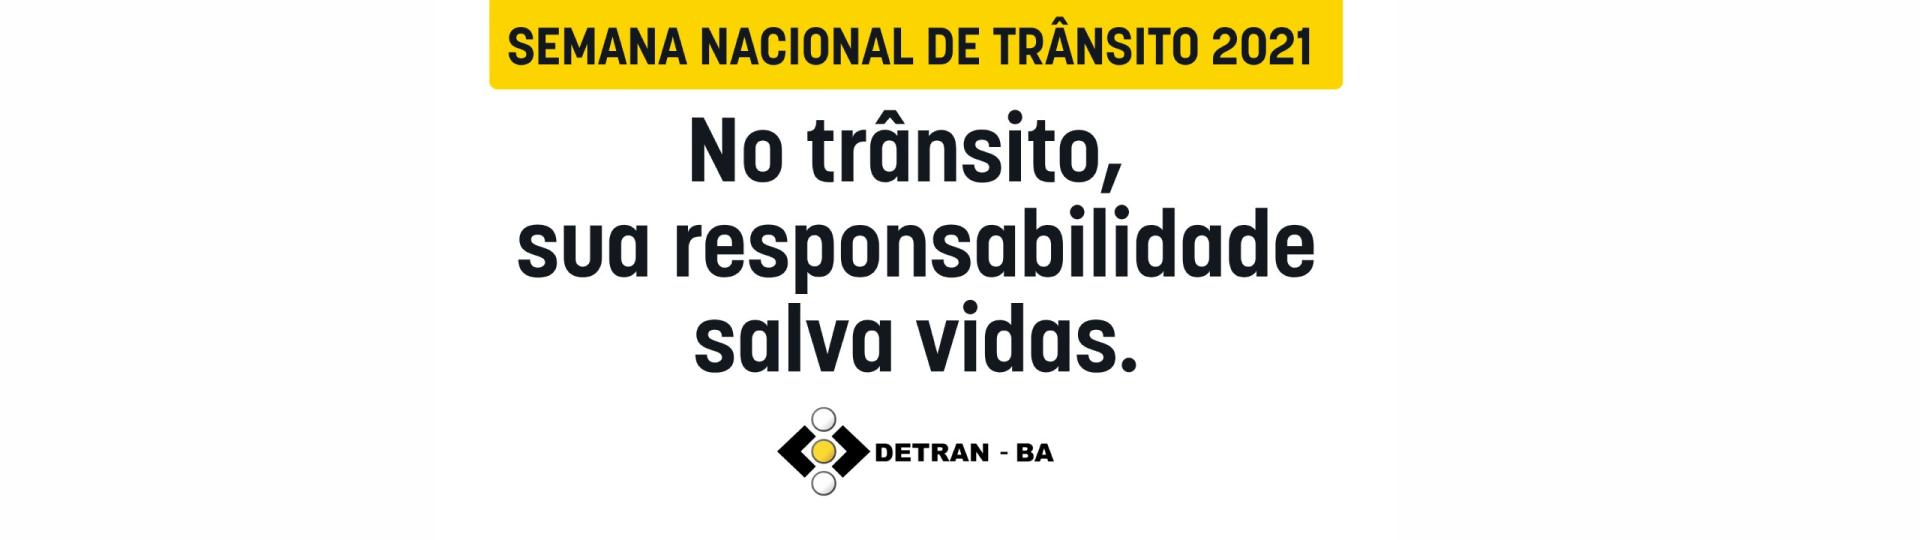 Detran-BA reúne especialistas em Workshop na Semana Nacional de Trânsito